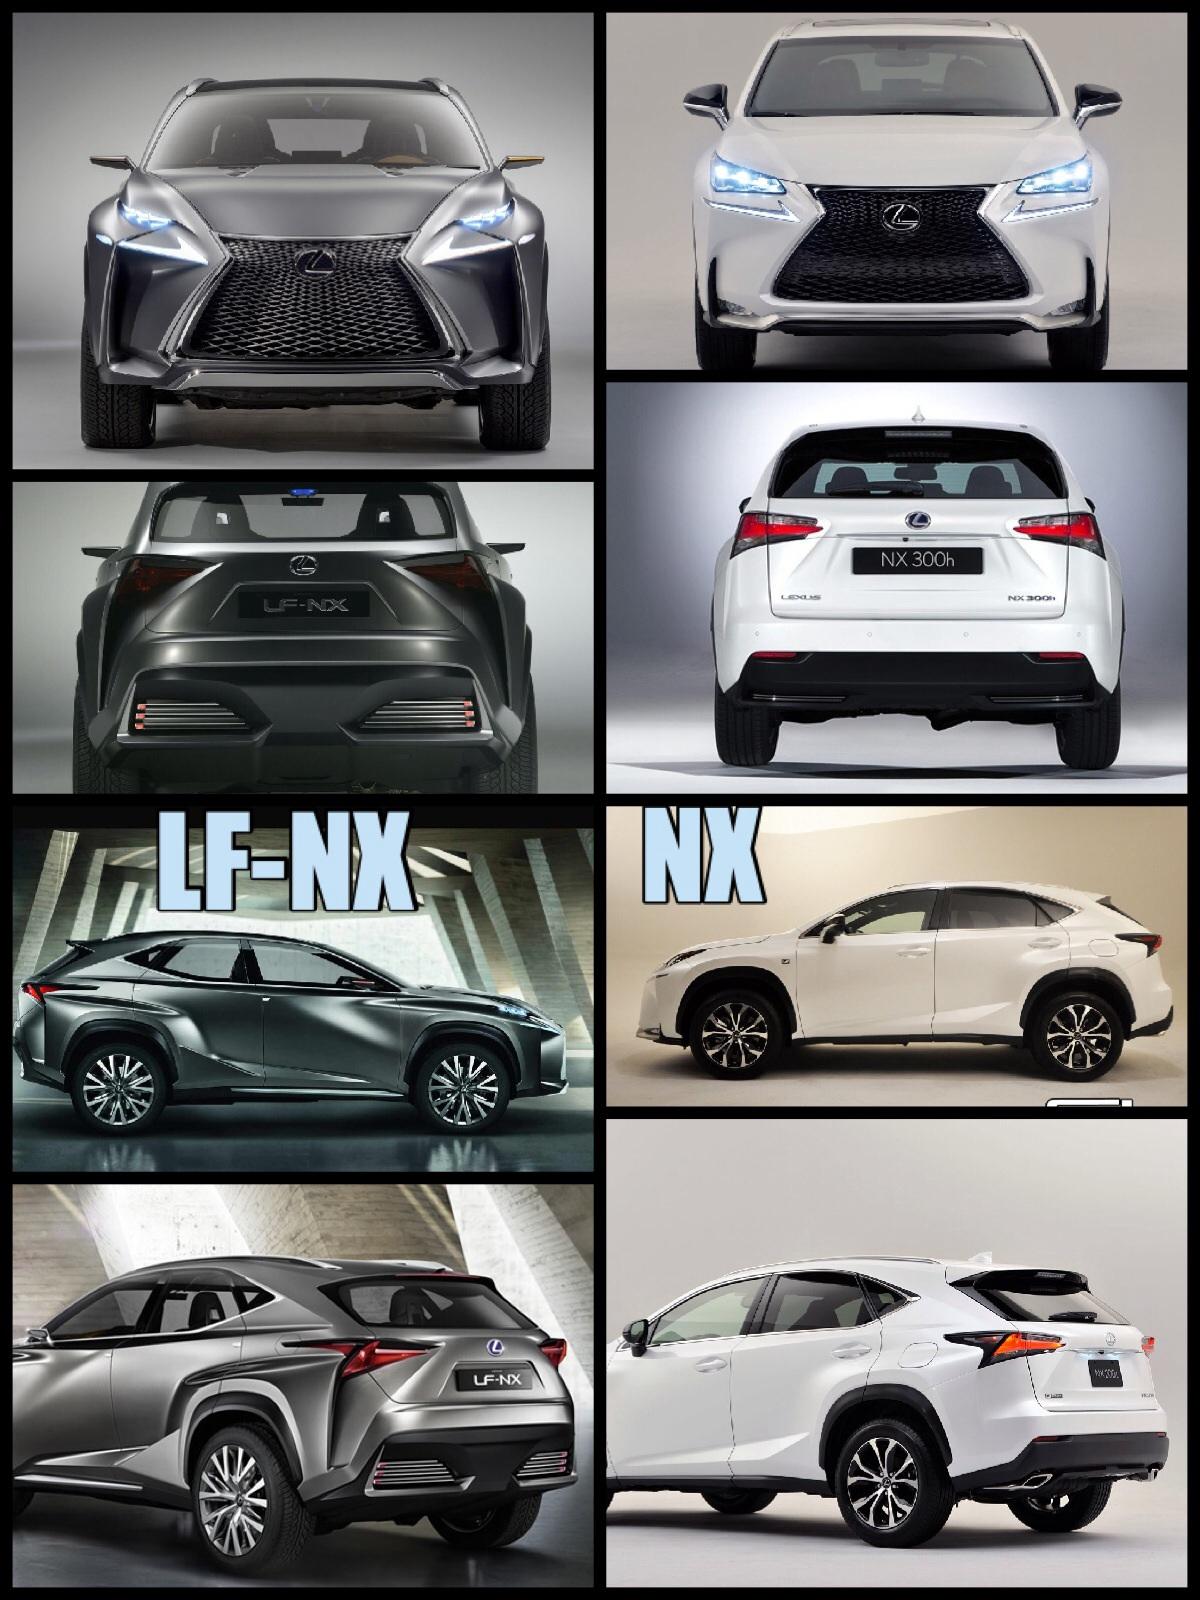 レクサスNX レクサスLF-NX比較